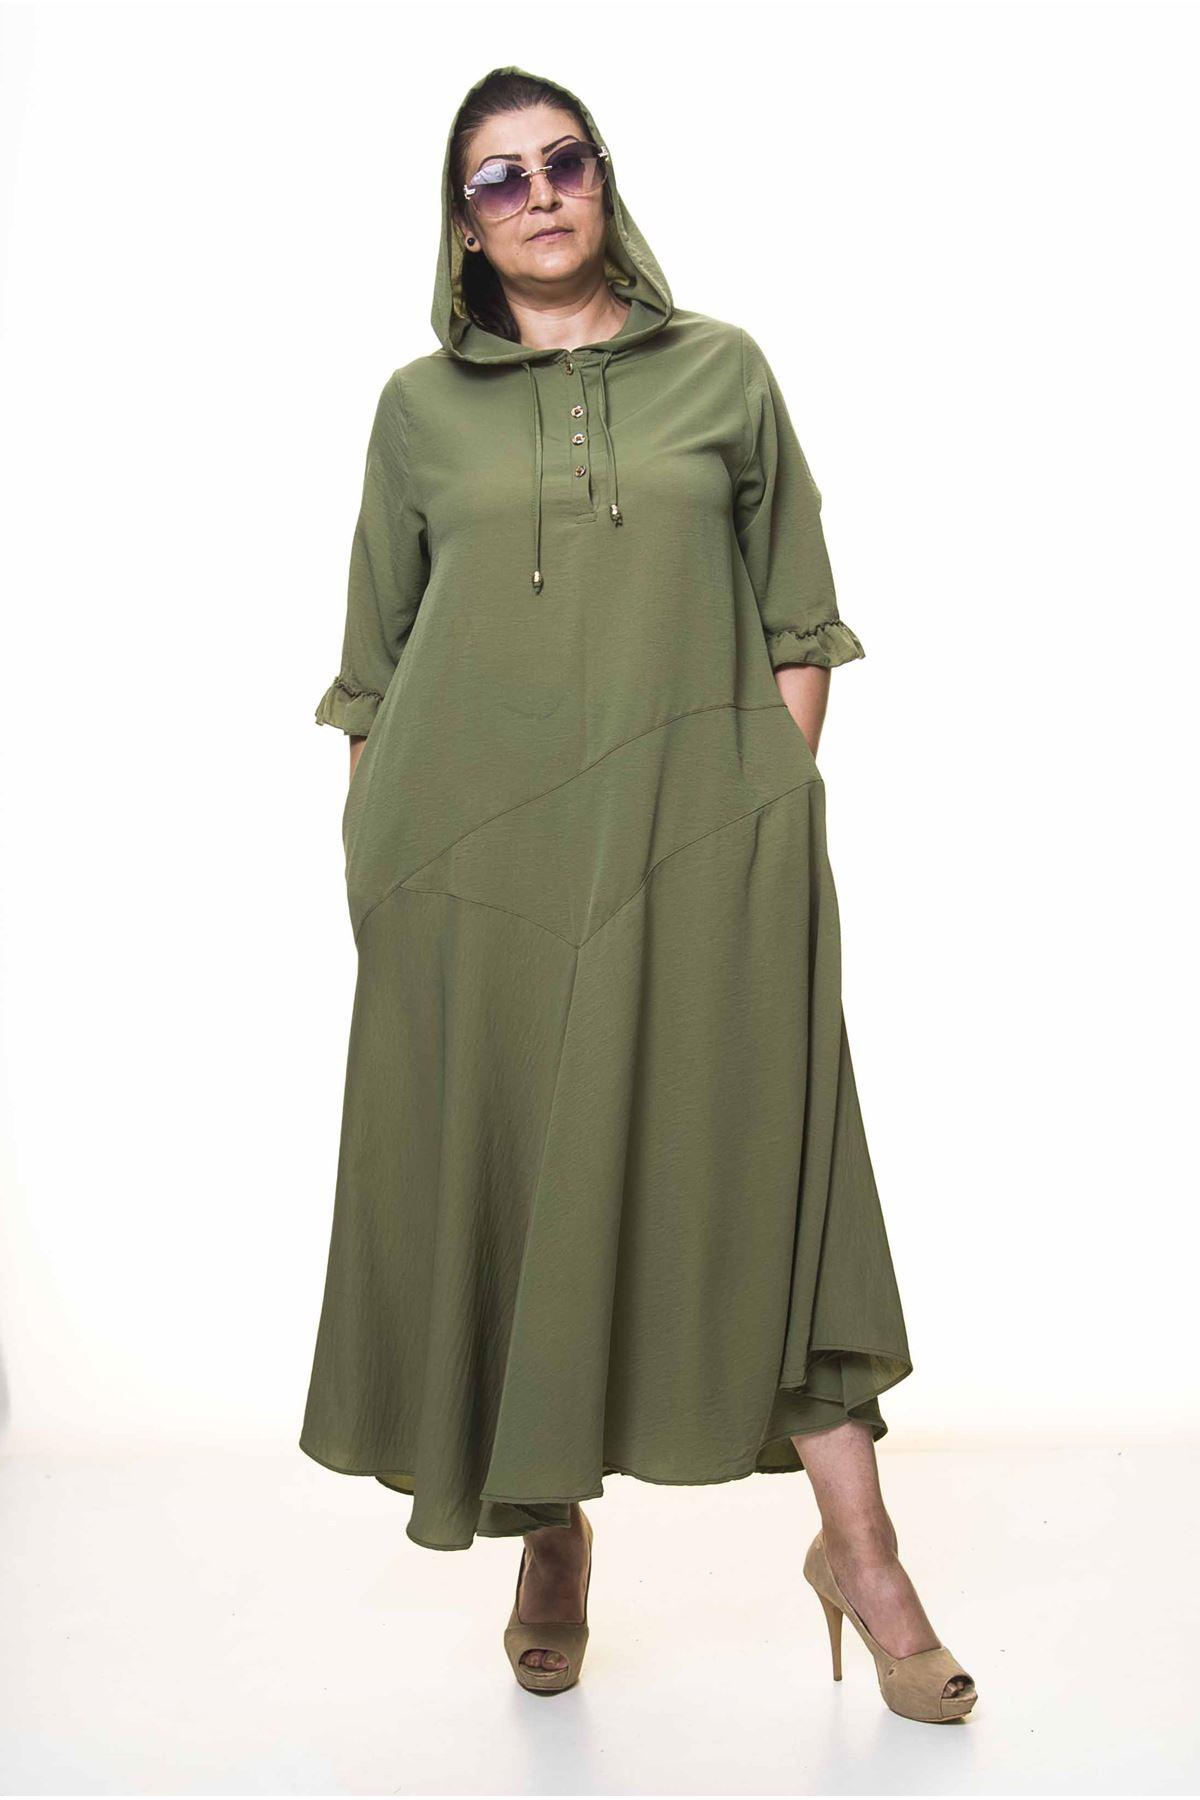 Kadın Büyük Beden Kapüşonlu Fırfır Kol Haki Uzun Yazlık Elbise A3-4040